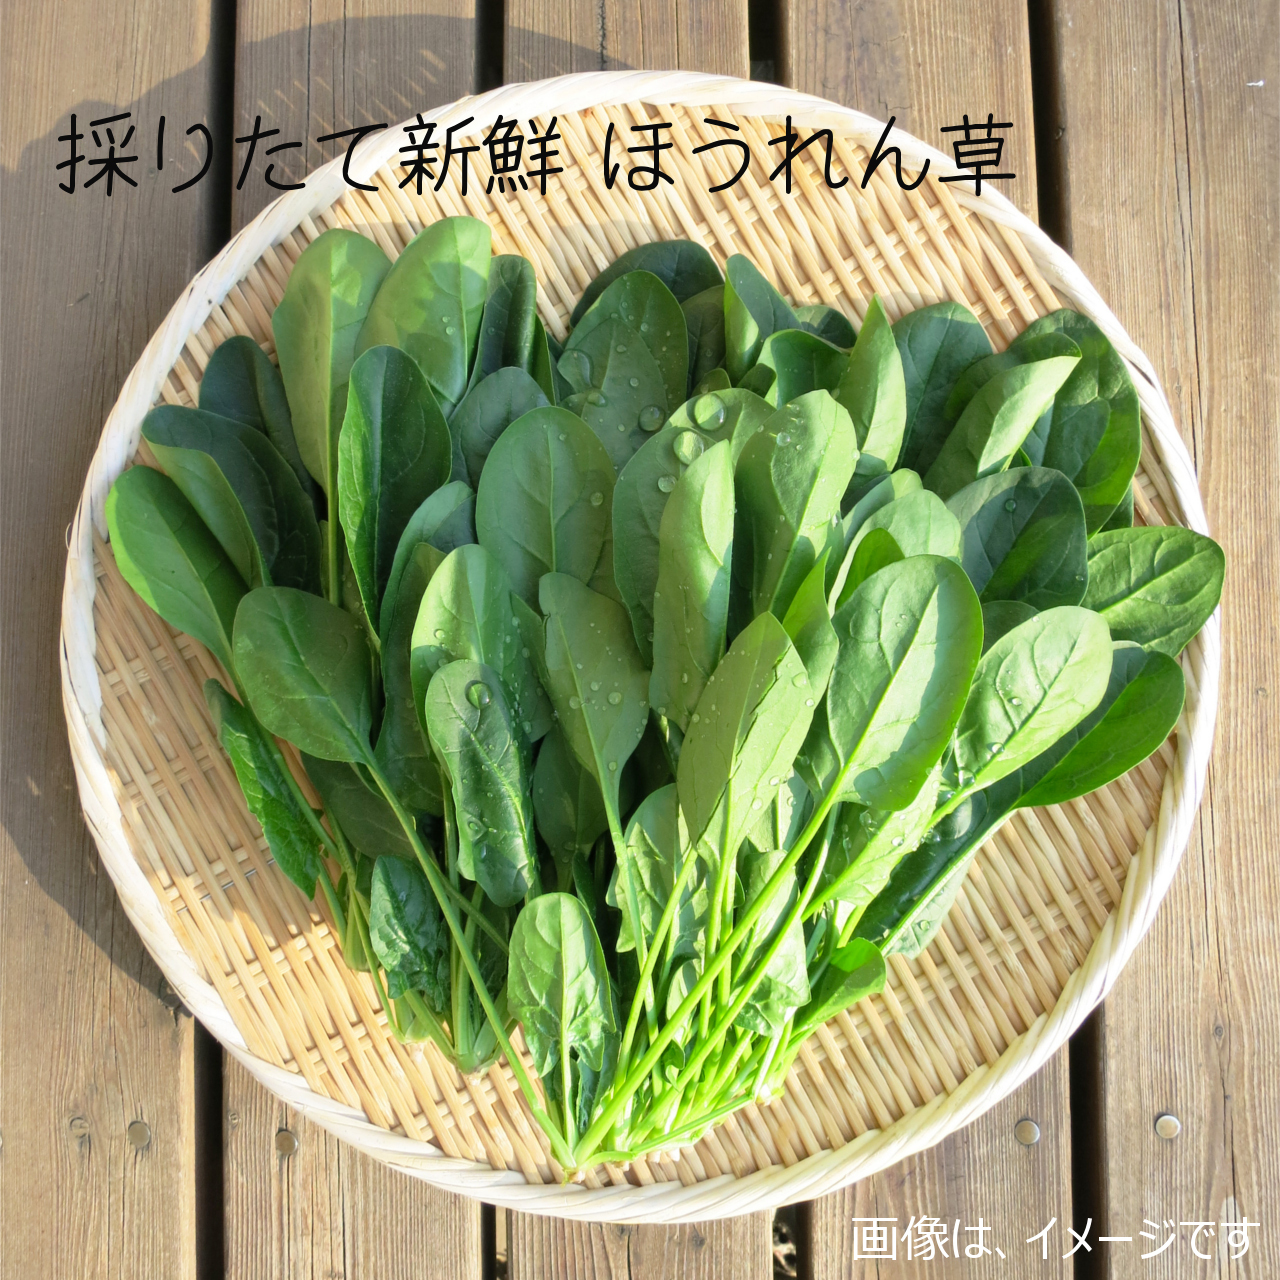 春の新鮮野菜 ホウレンソウ 約300g : 5月の朝採り直売野菜 5月30日発送予定